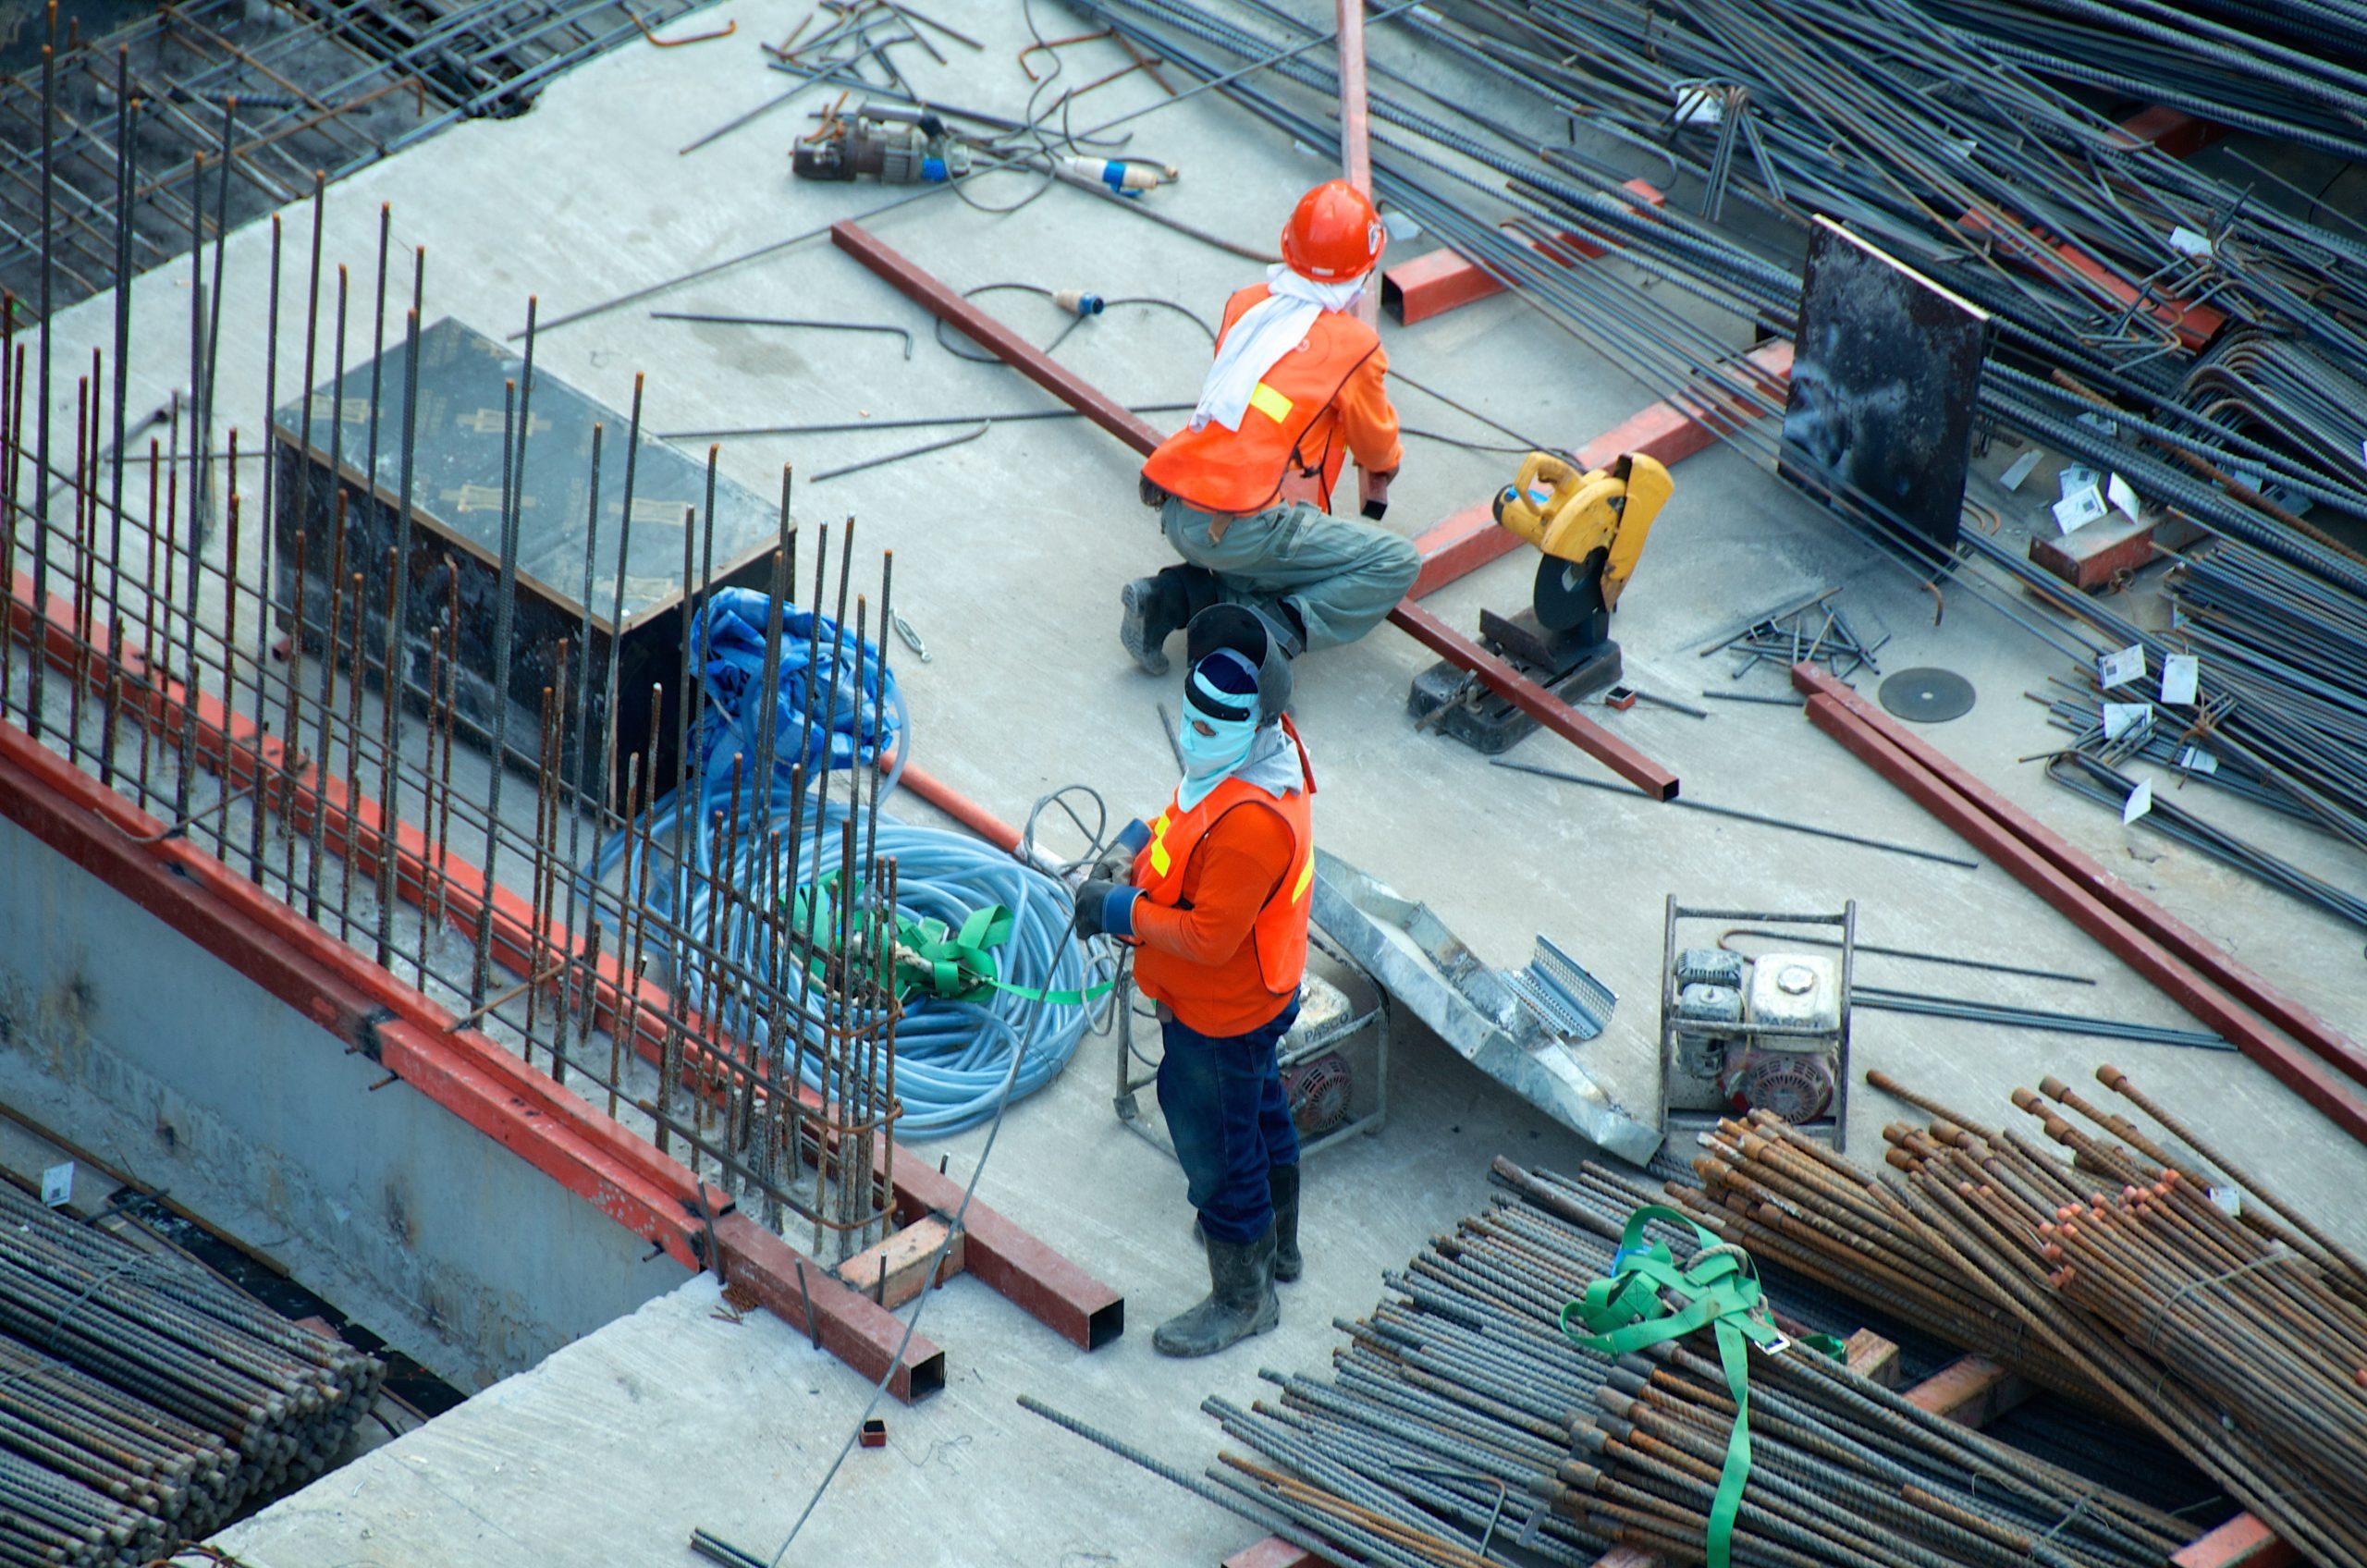 Comment développer mon entreprise de construction ?